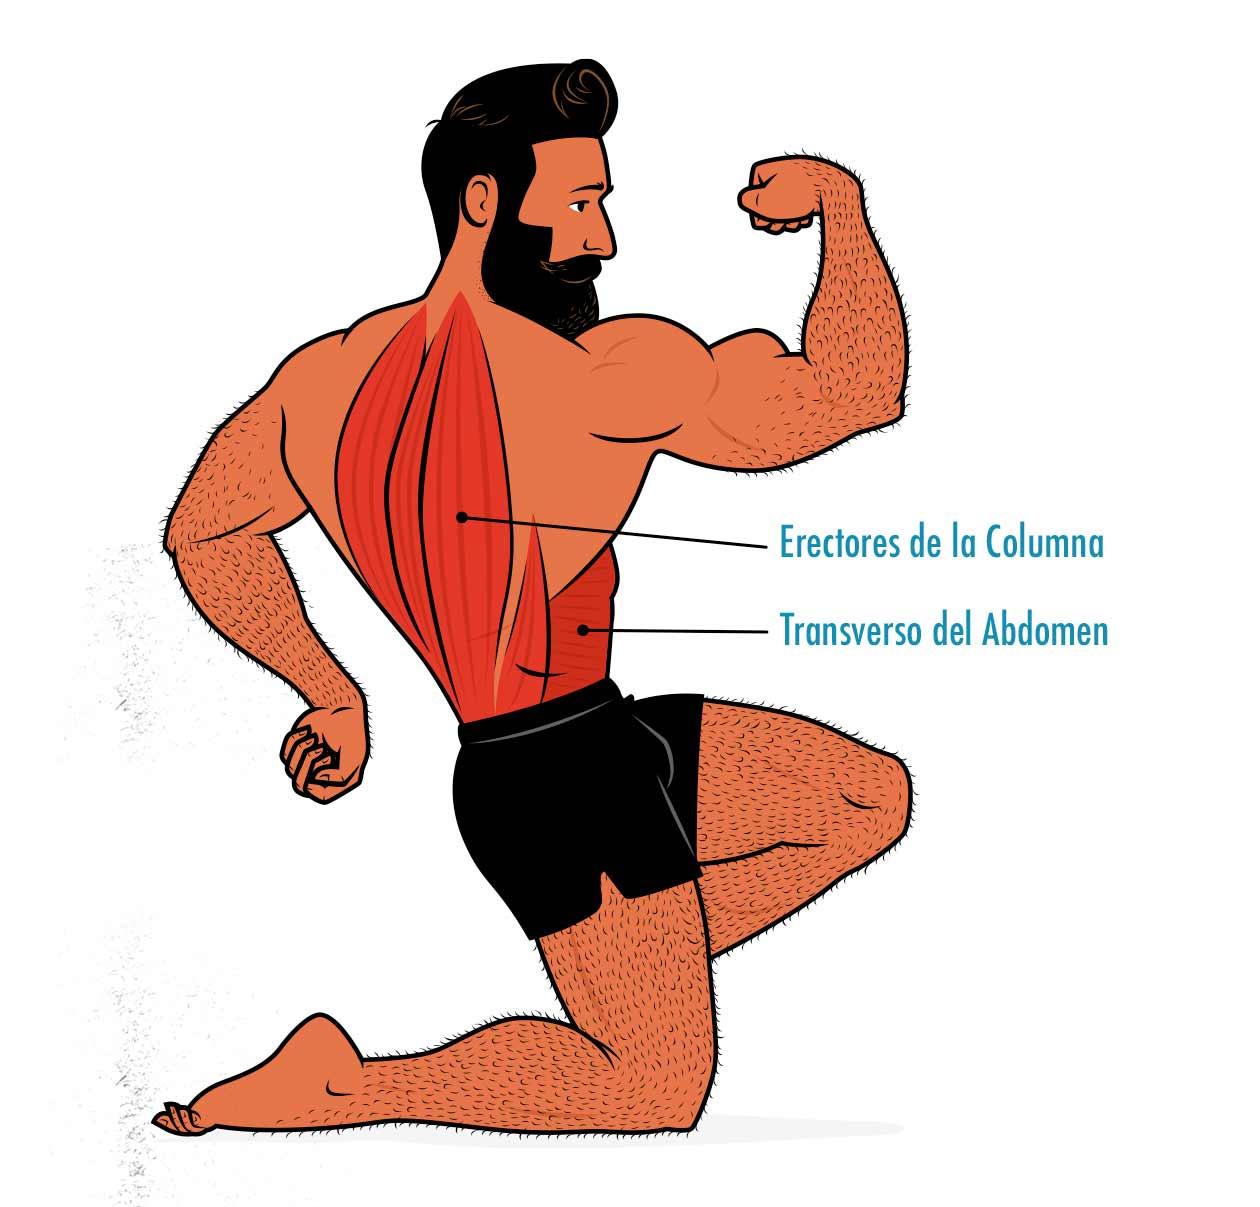 Diagrama que muestra que el peso muerto también trabaja a los erectores de la columna y al músculo transverso del abdomen.